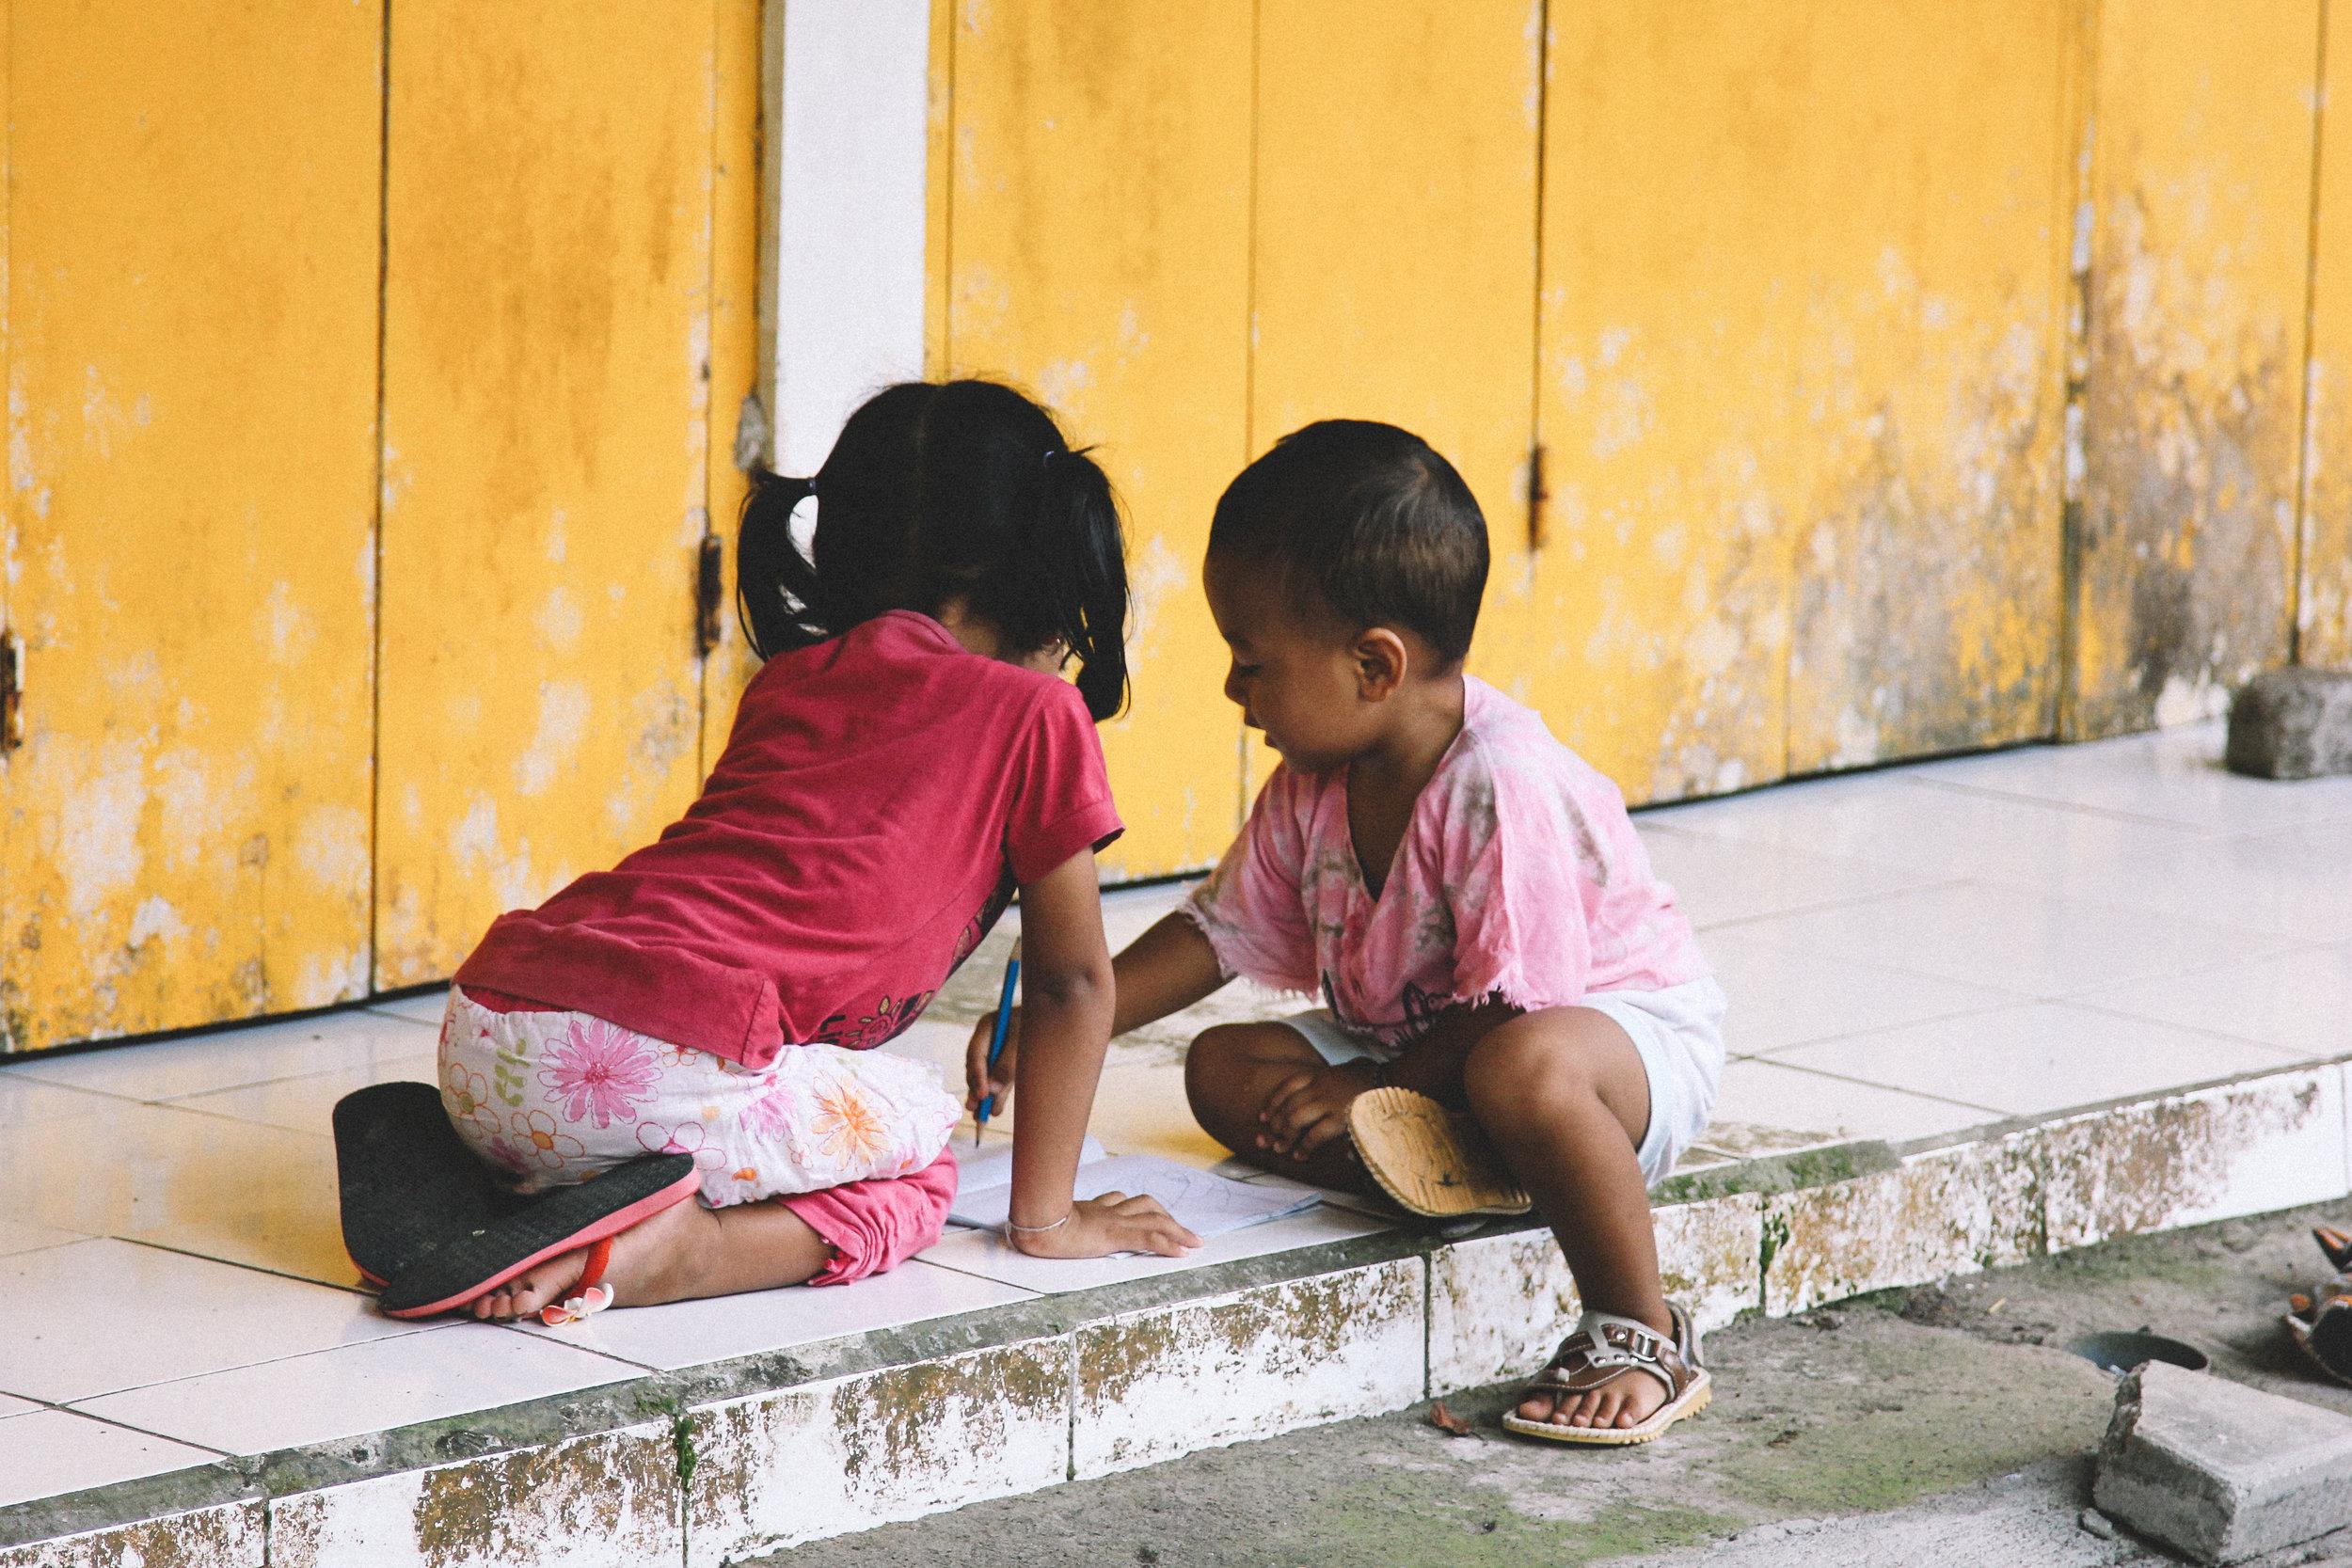 tirta-empul-enfants-blog-onmyway.jpg